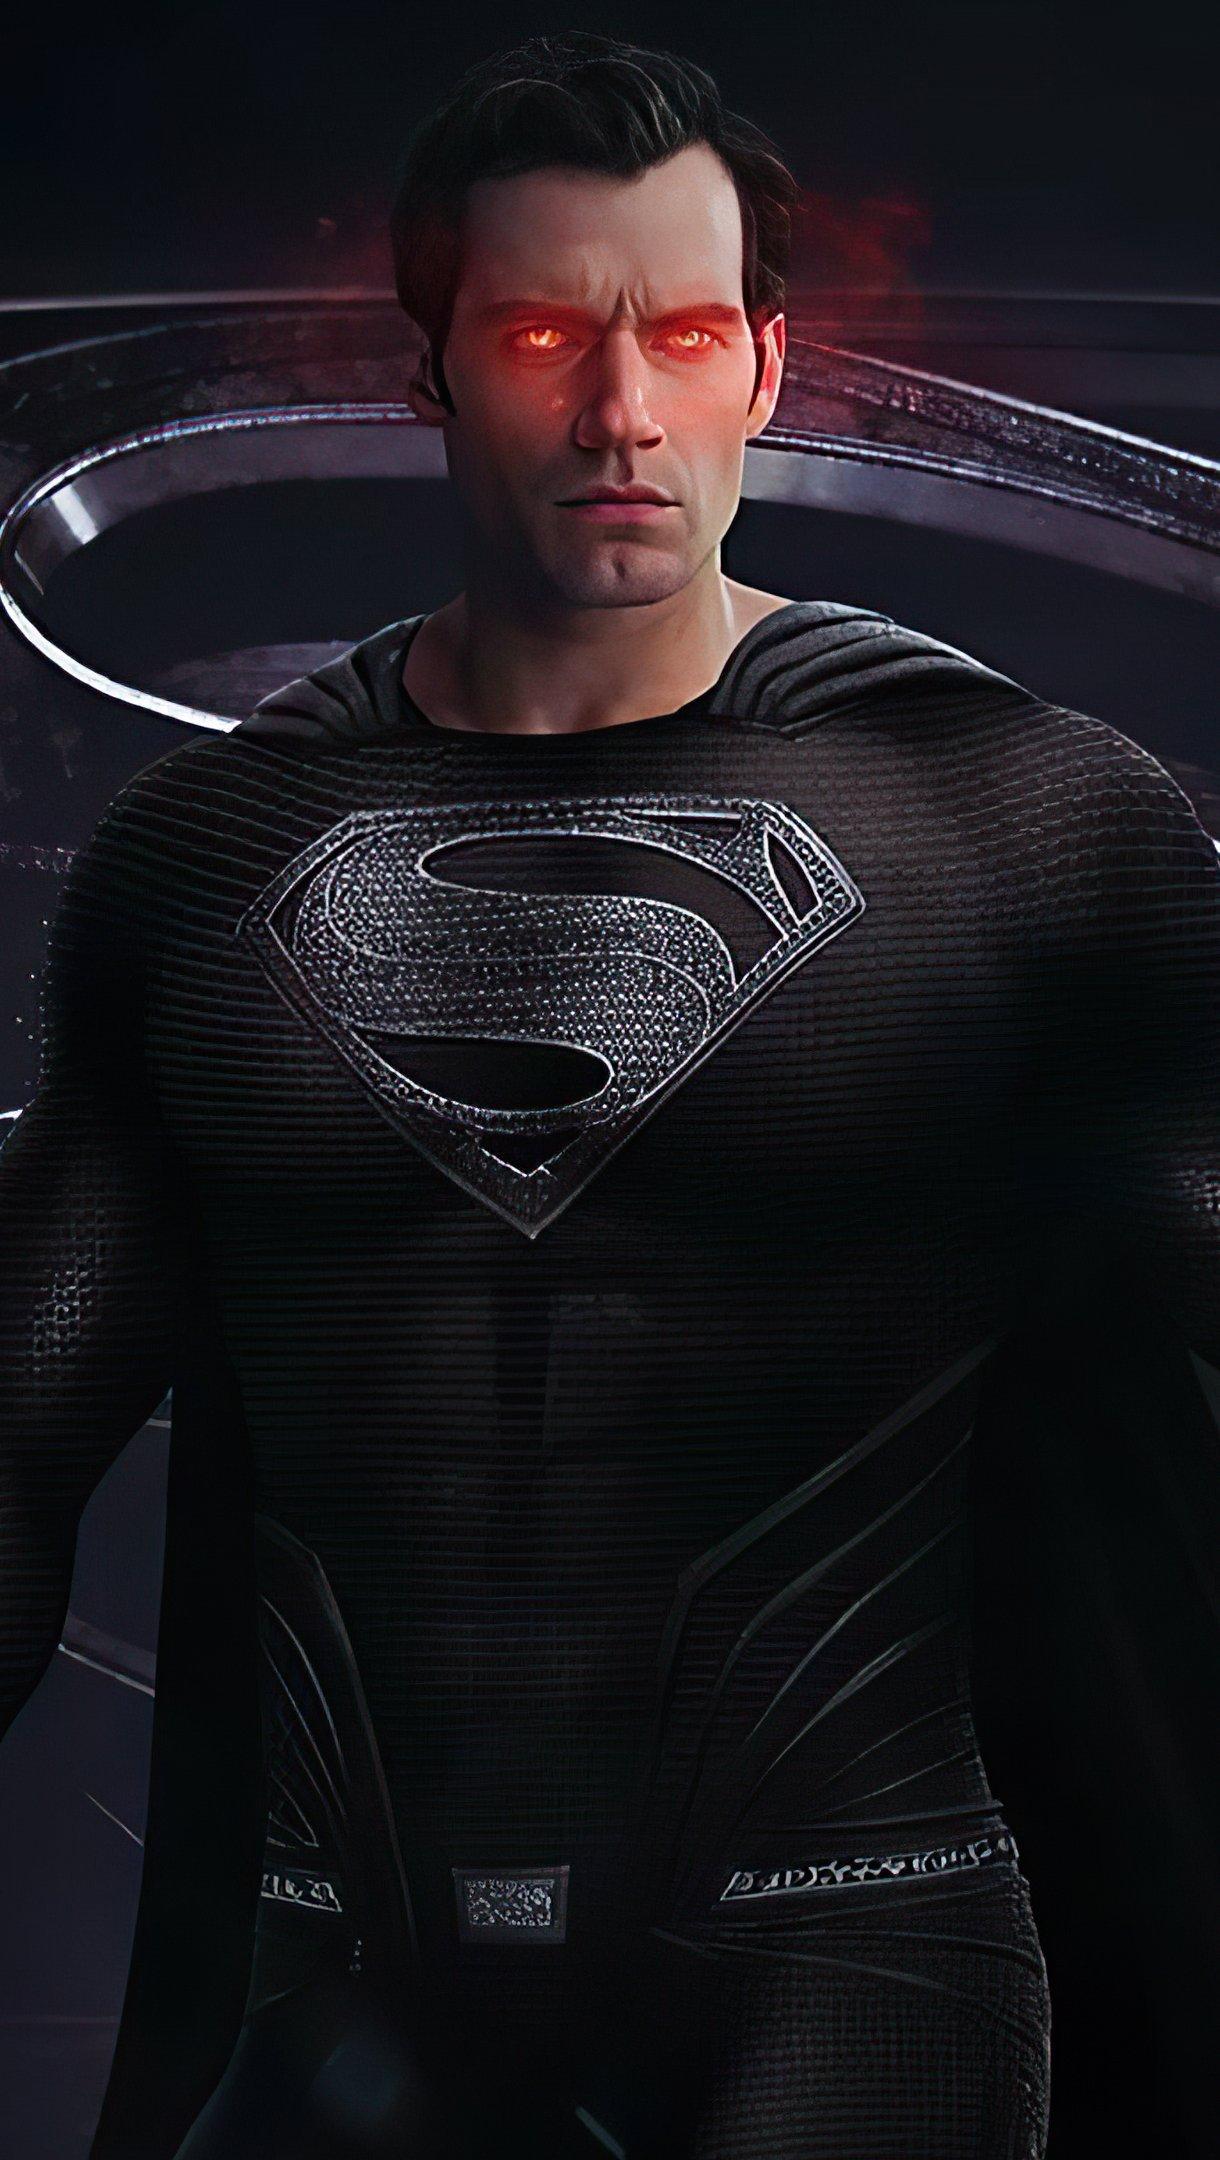 Fondos de pantalla Superman con traje negro Vertical